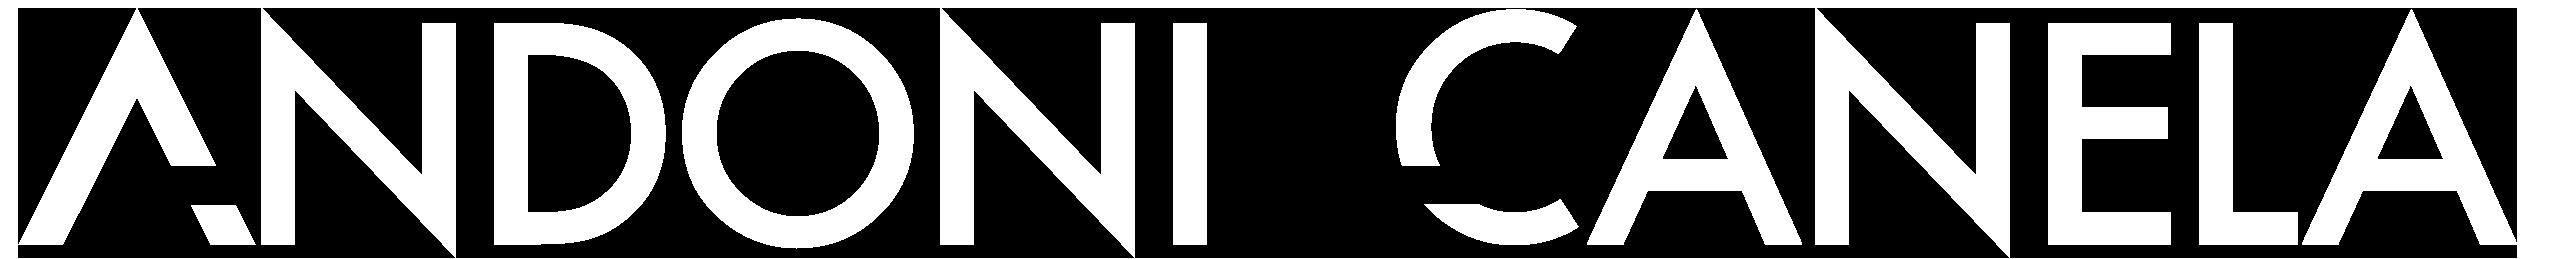 Andoni Canela logo